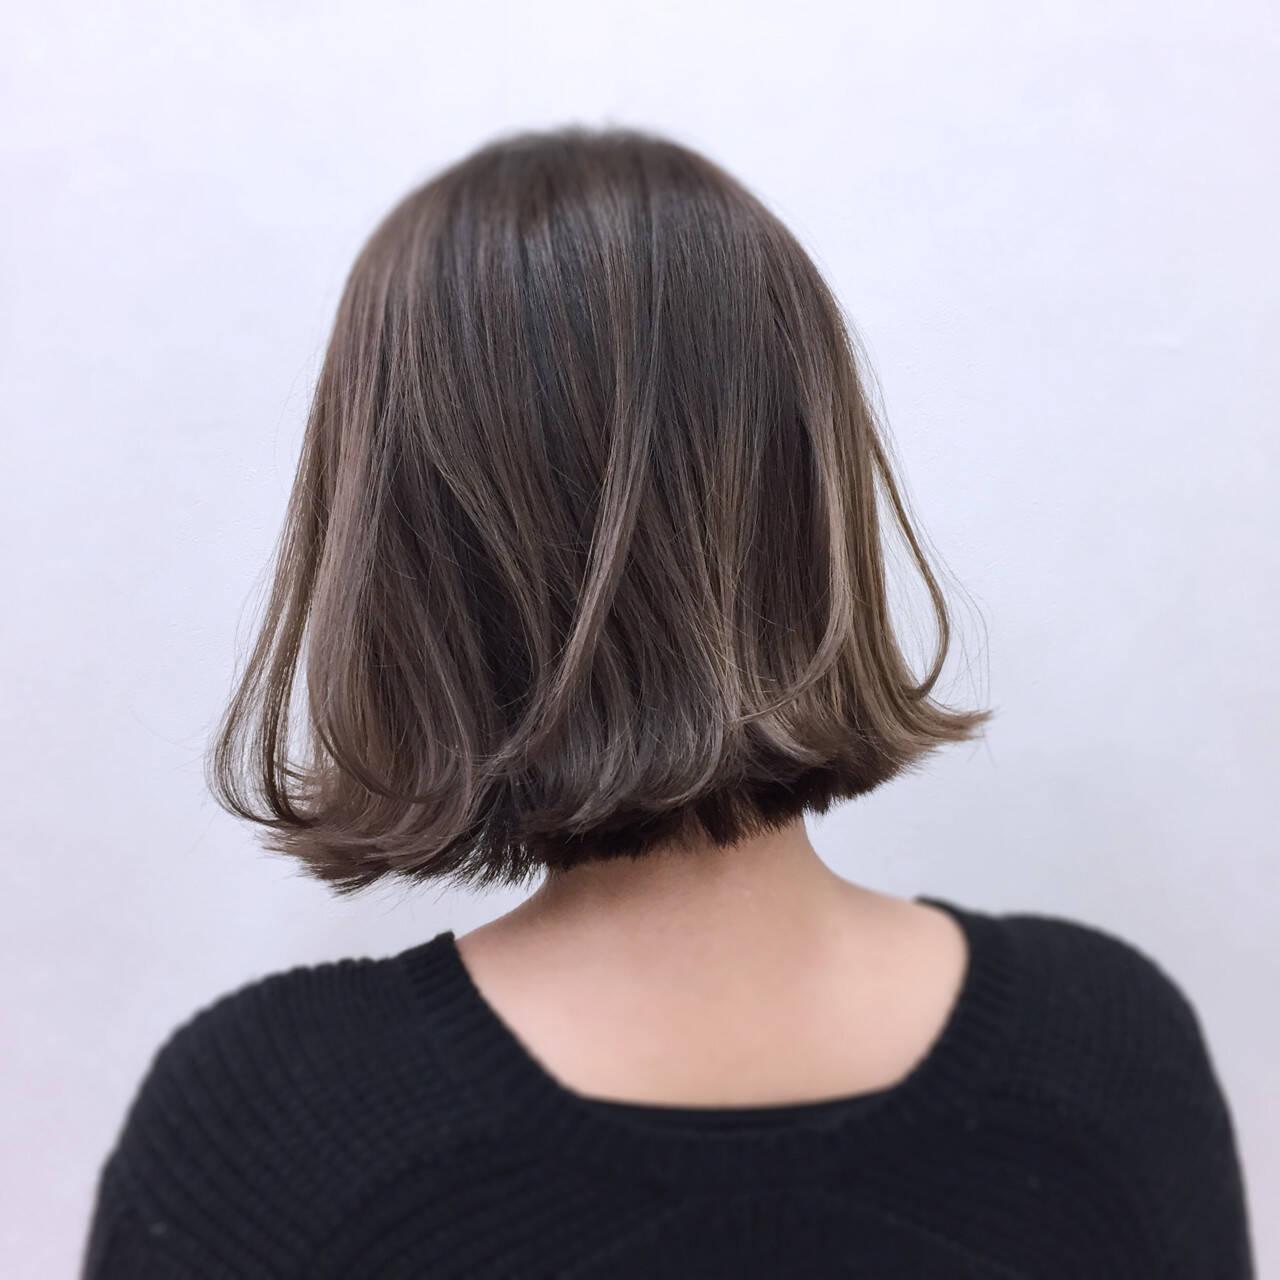 外ハネ ボブ ウェットヘア ガーリーヘアスタイルや髪型の写真・画像